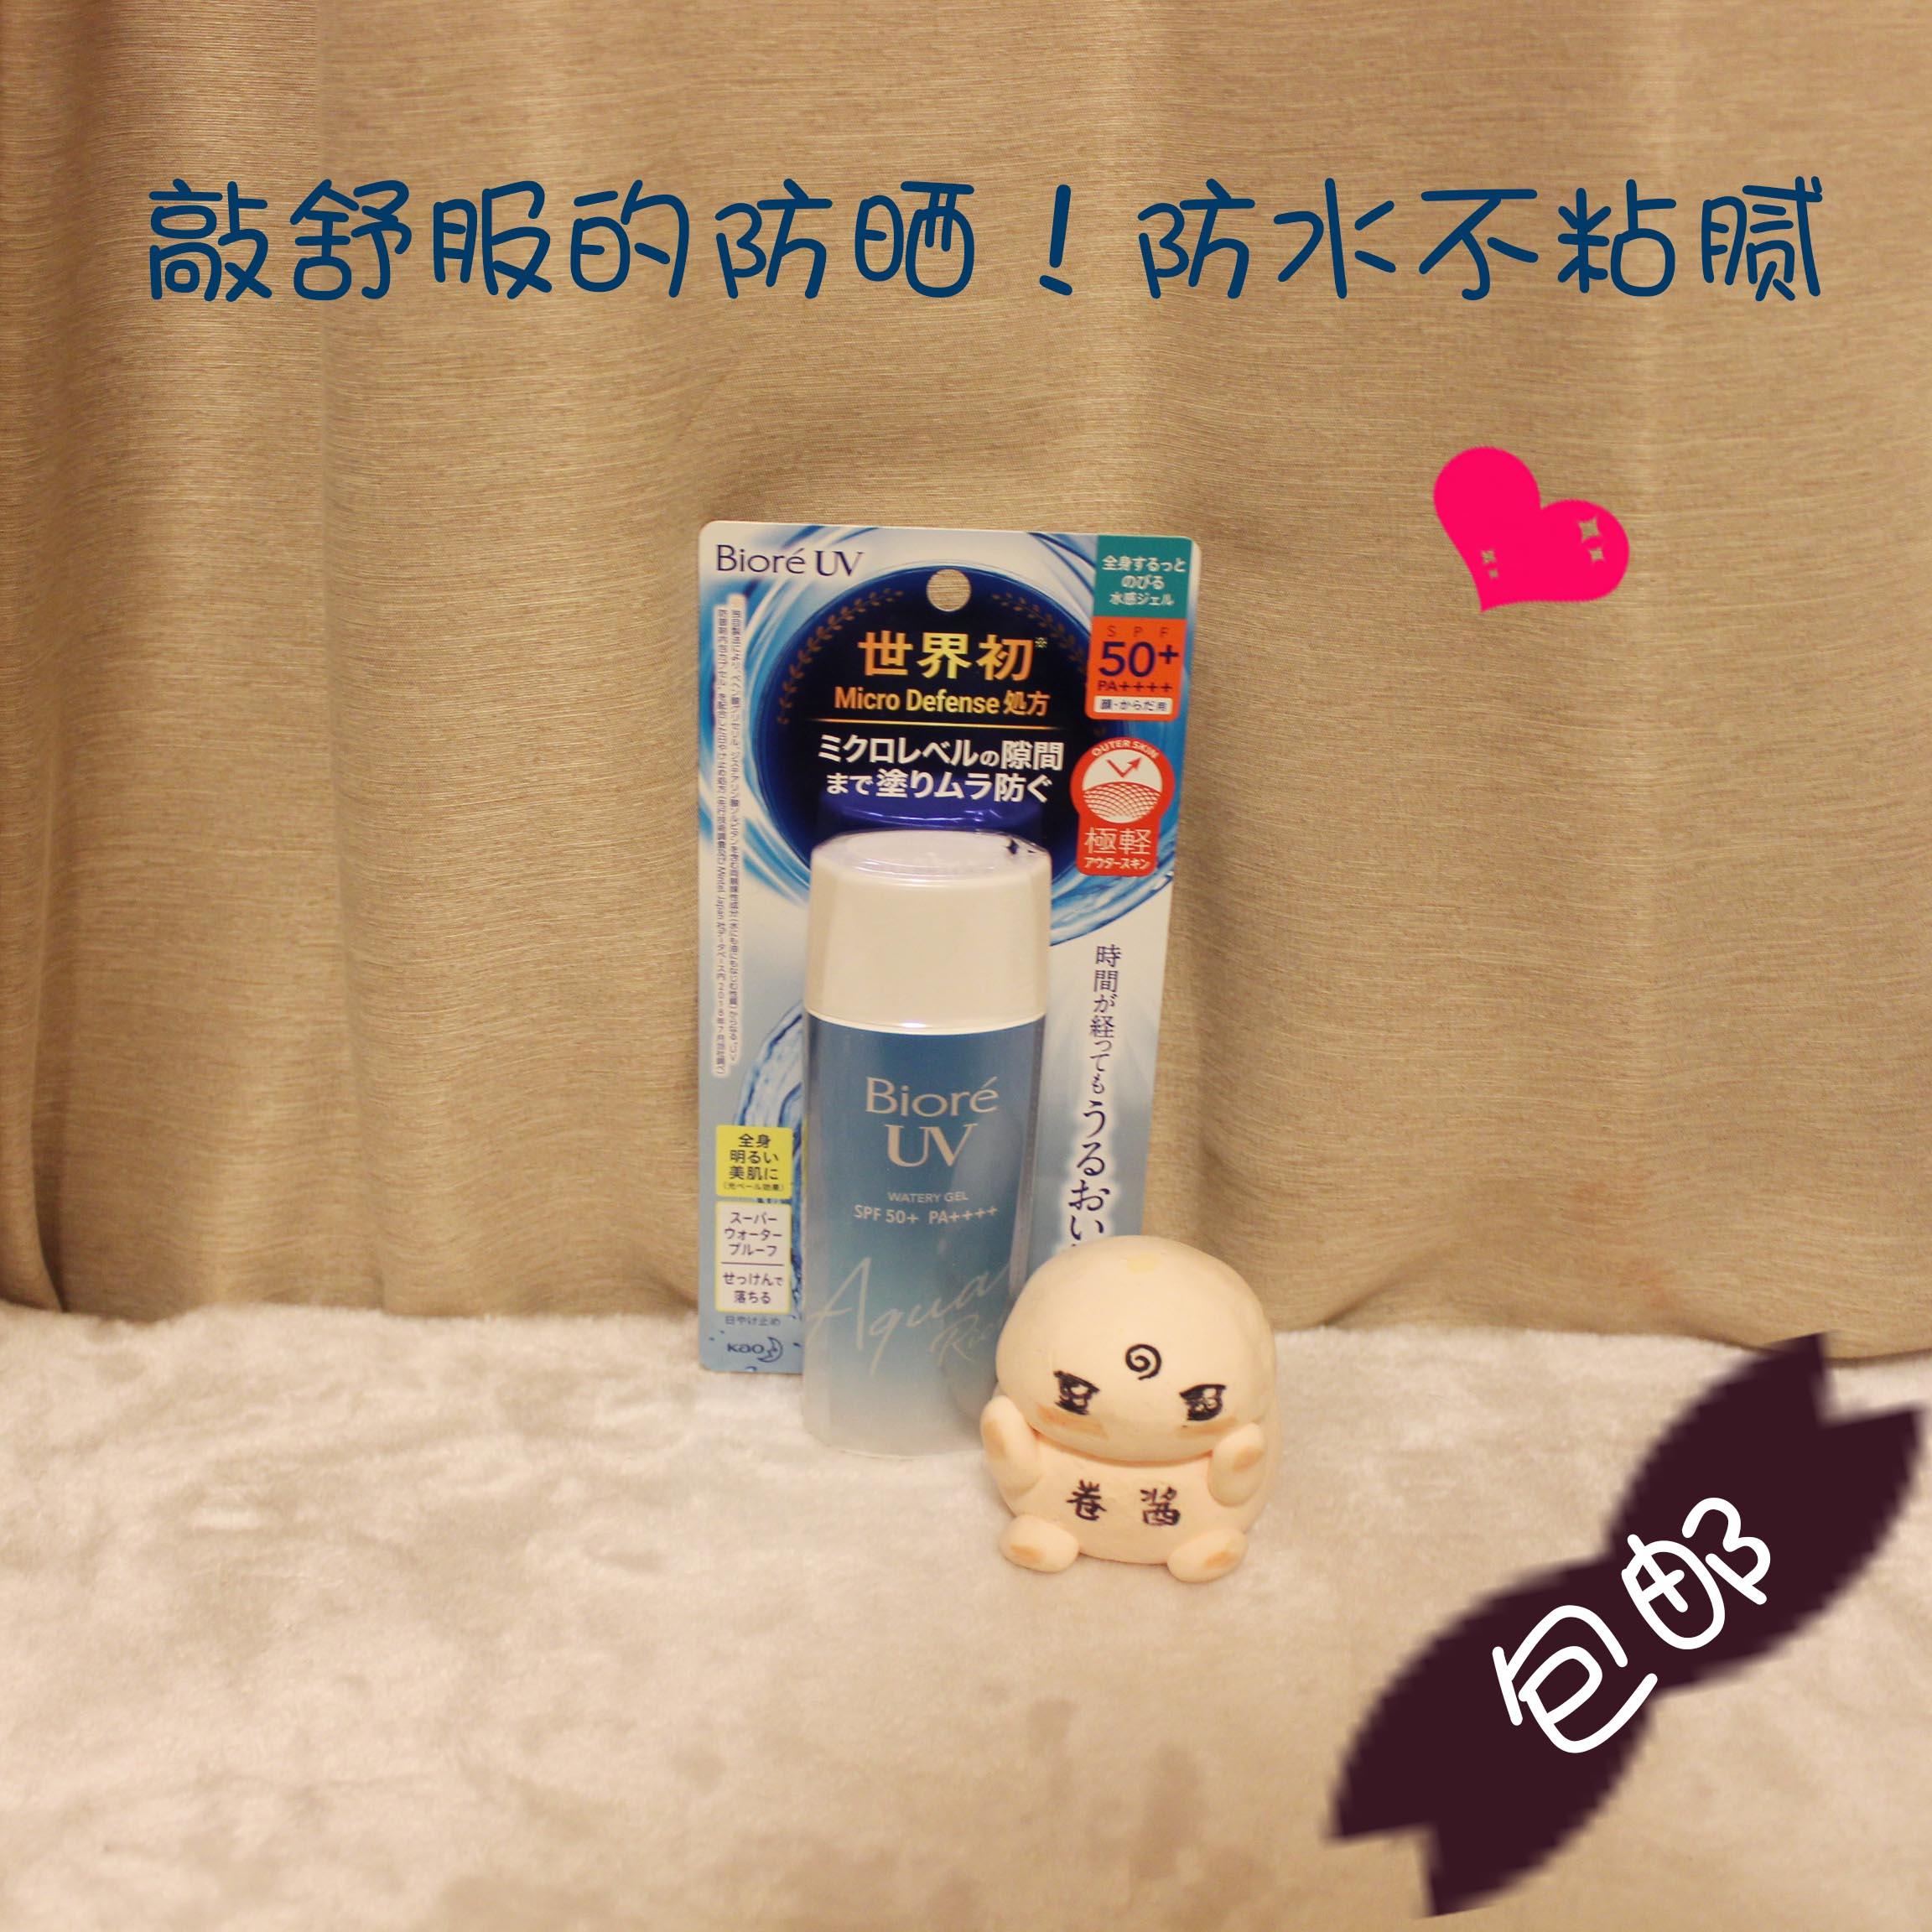 2019新版!日本Biore碧柔90ml大瓶装 水感清爽保湿防晒霜SPF50+正品保证